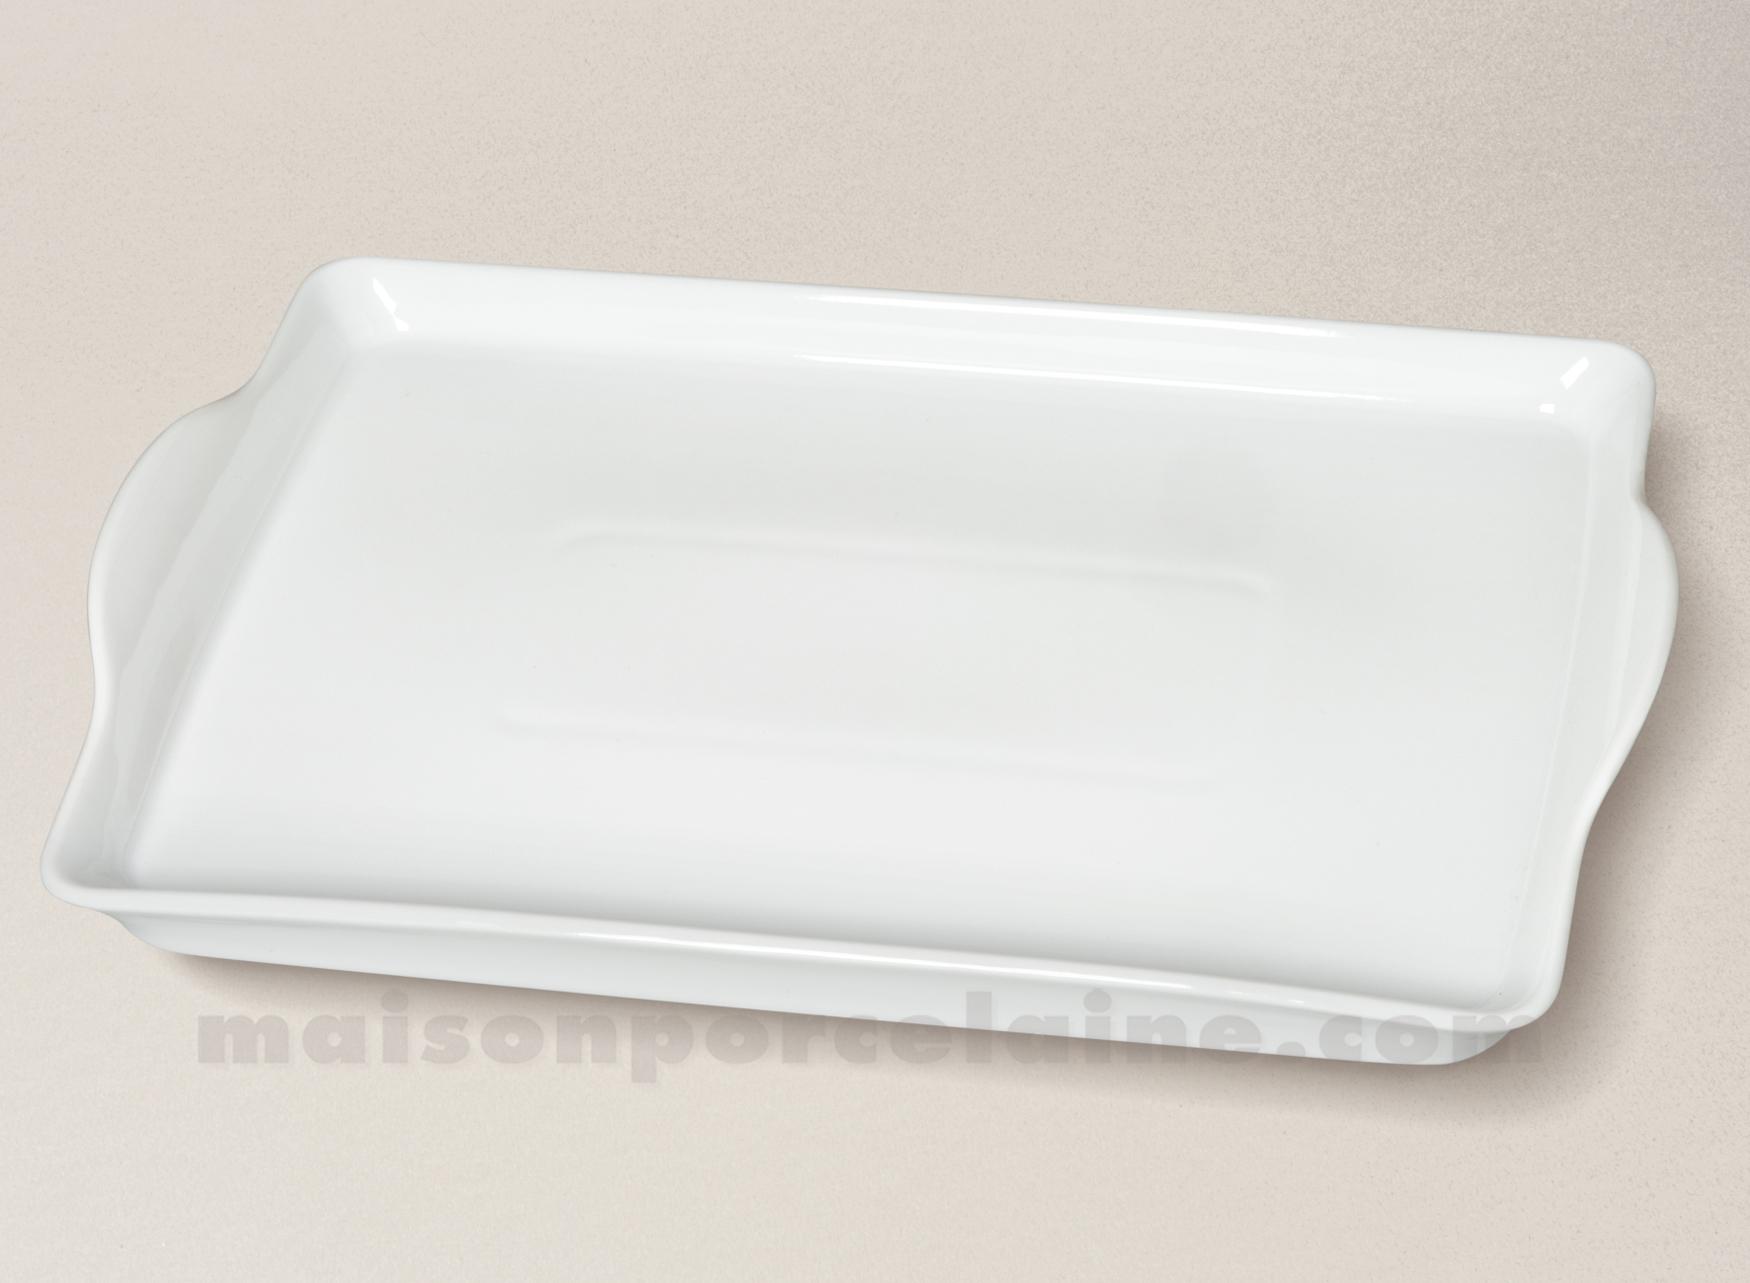 Plateau porcelaine blanche rectangulaire anses 37x23plateau service 370x230x4 - La porcelaine blanche ...